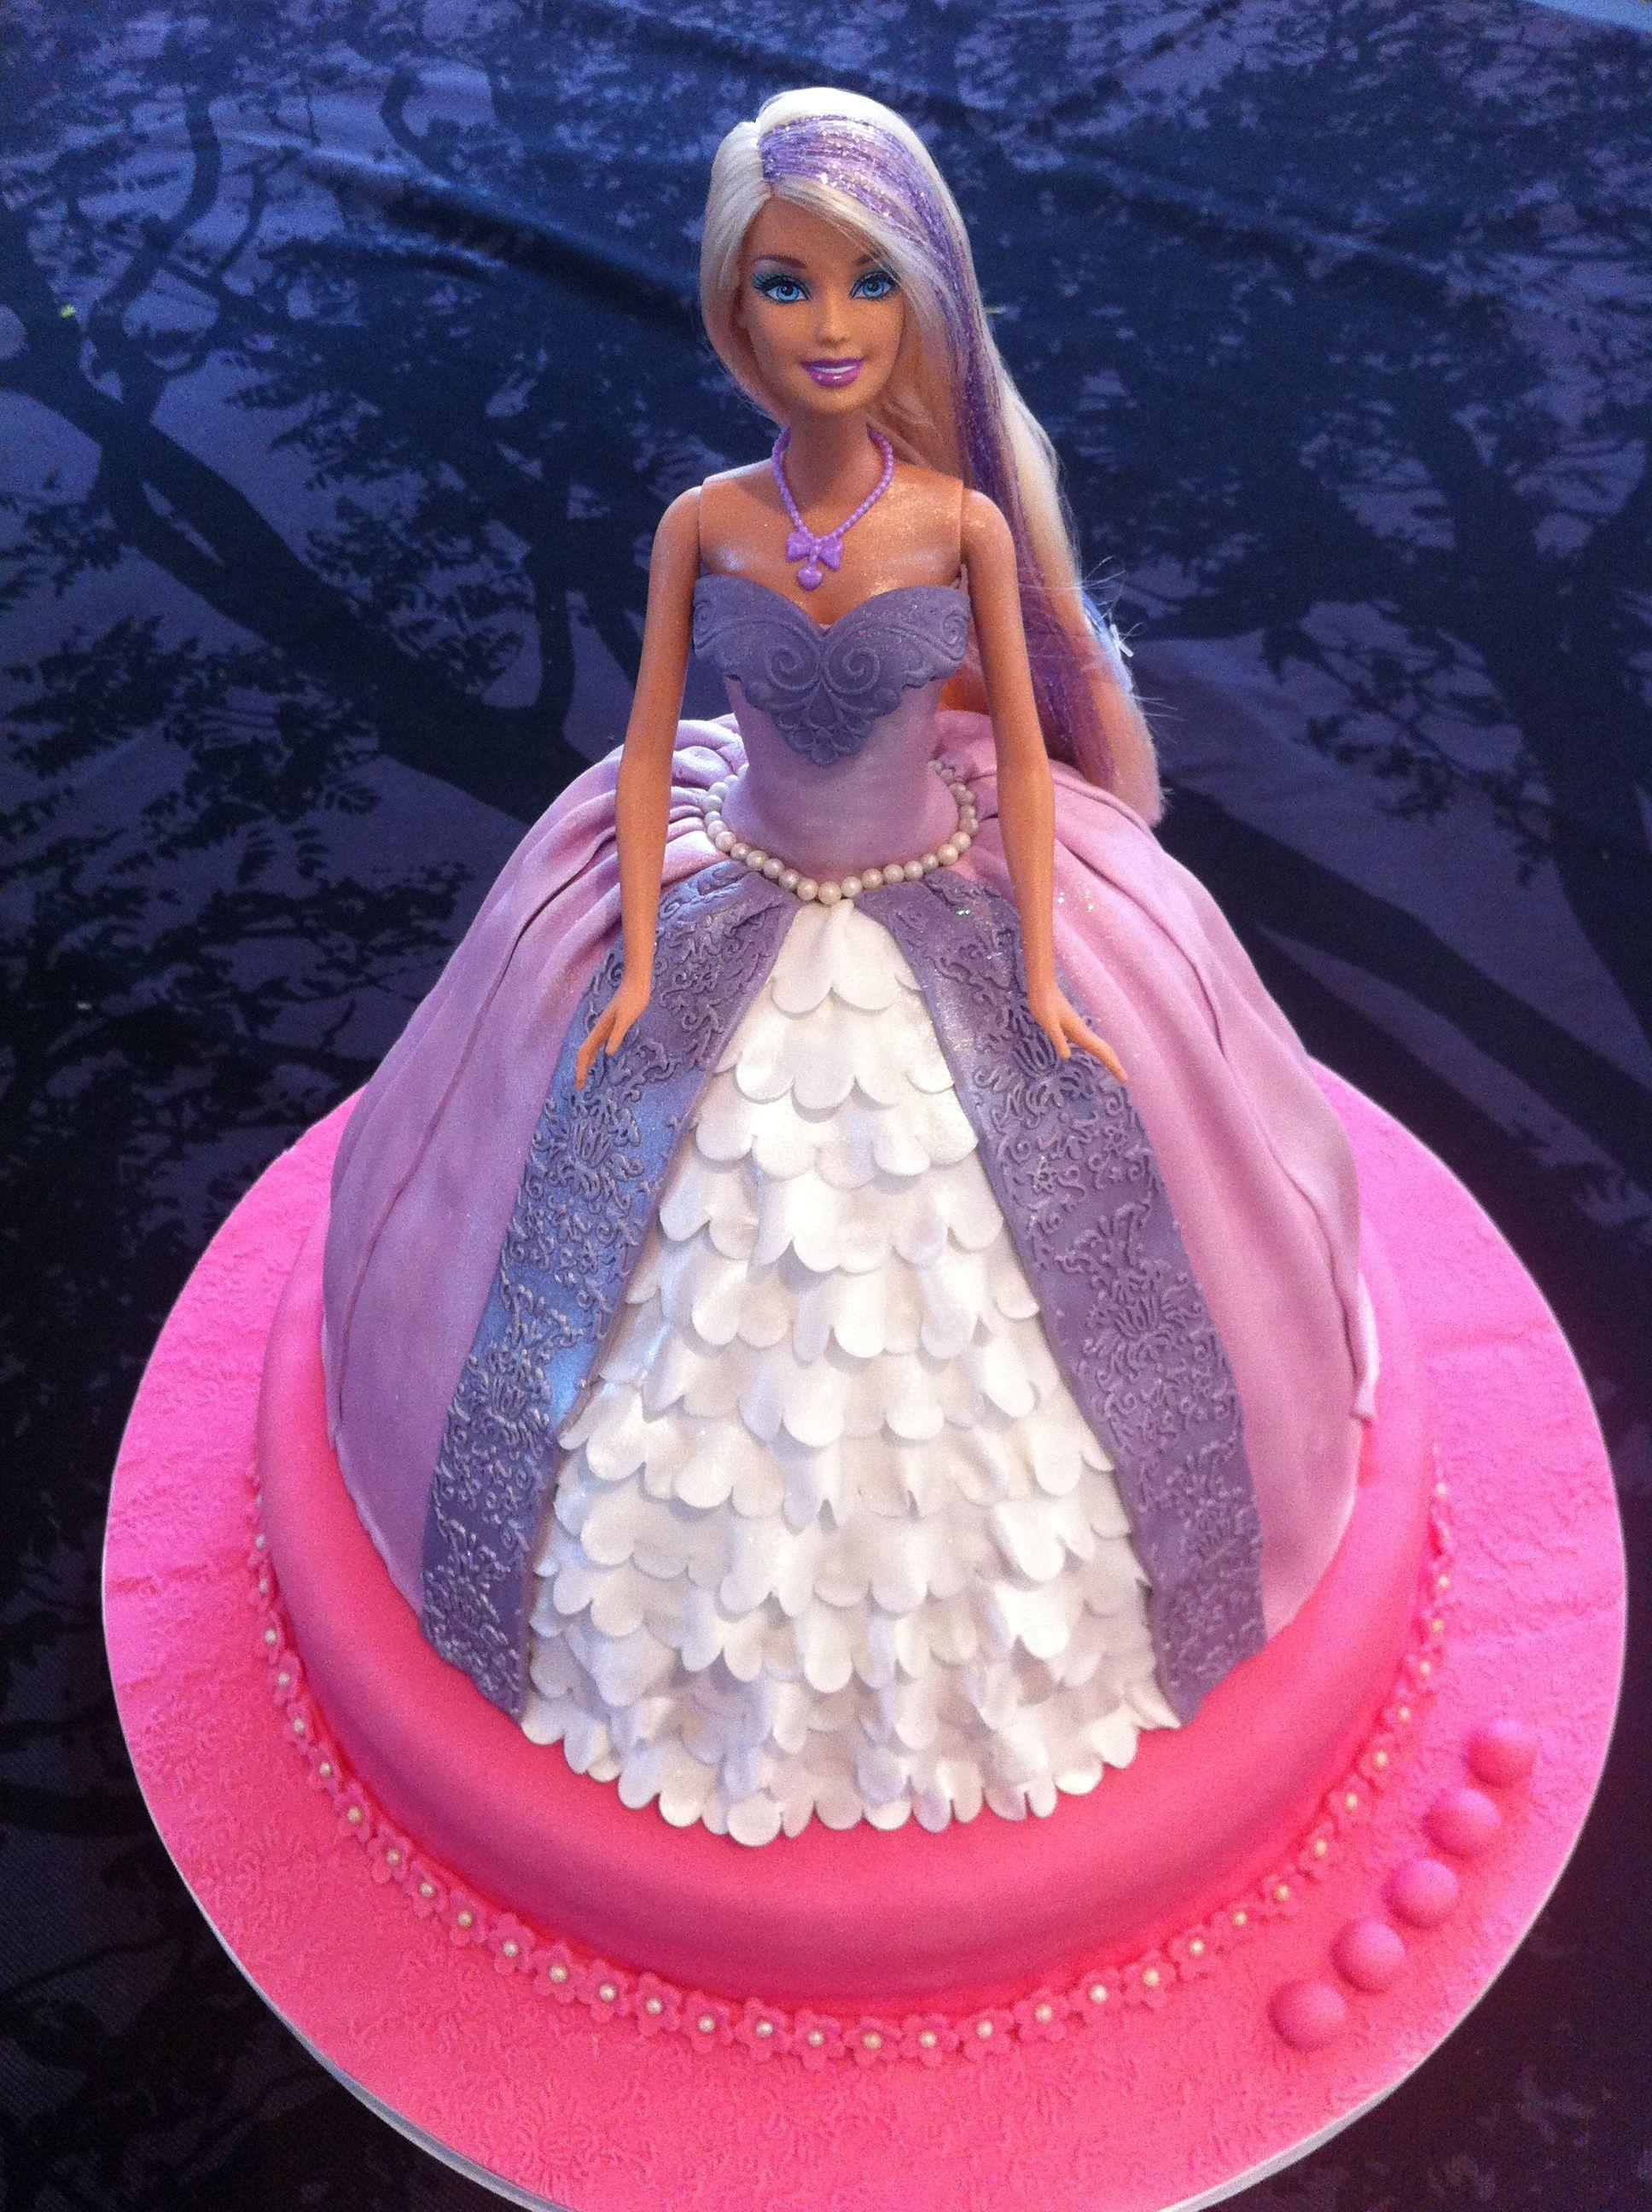 Barbie Cake 3 Barbie Birthday Cake Barbie Cake Cake Designs